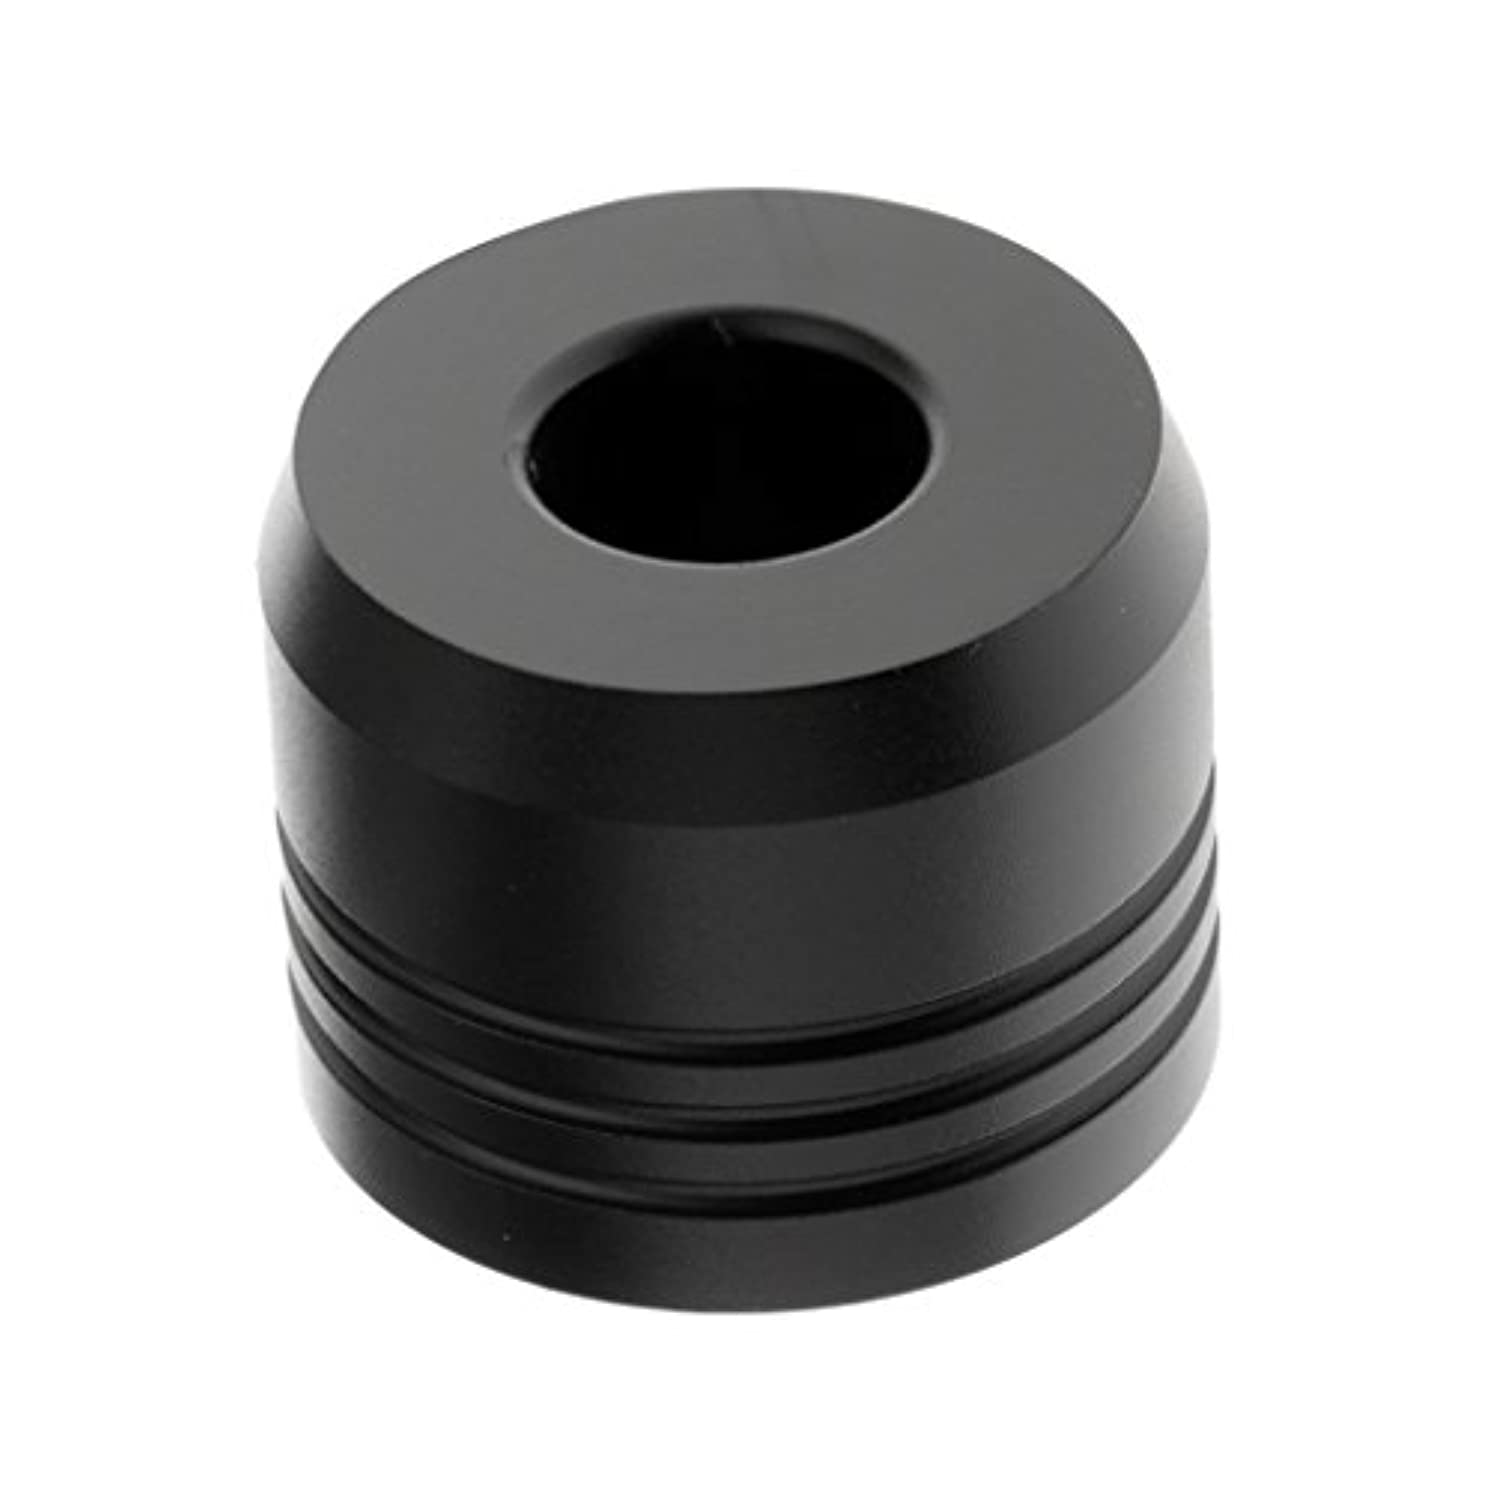 ハロウィン電話幾何学Kesoto セーフティカミソリスタンド スタンド メンズ シェービング カミソリホルダー サポート 調節可能 シェーバーベース 2色選べ   - ブラック